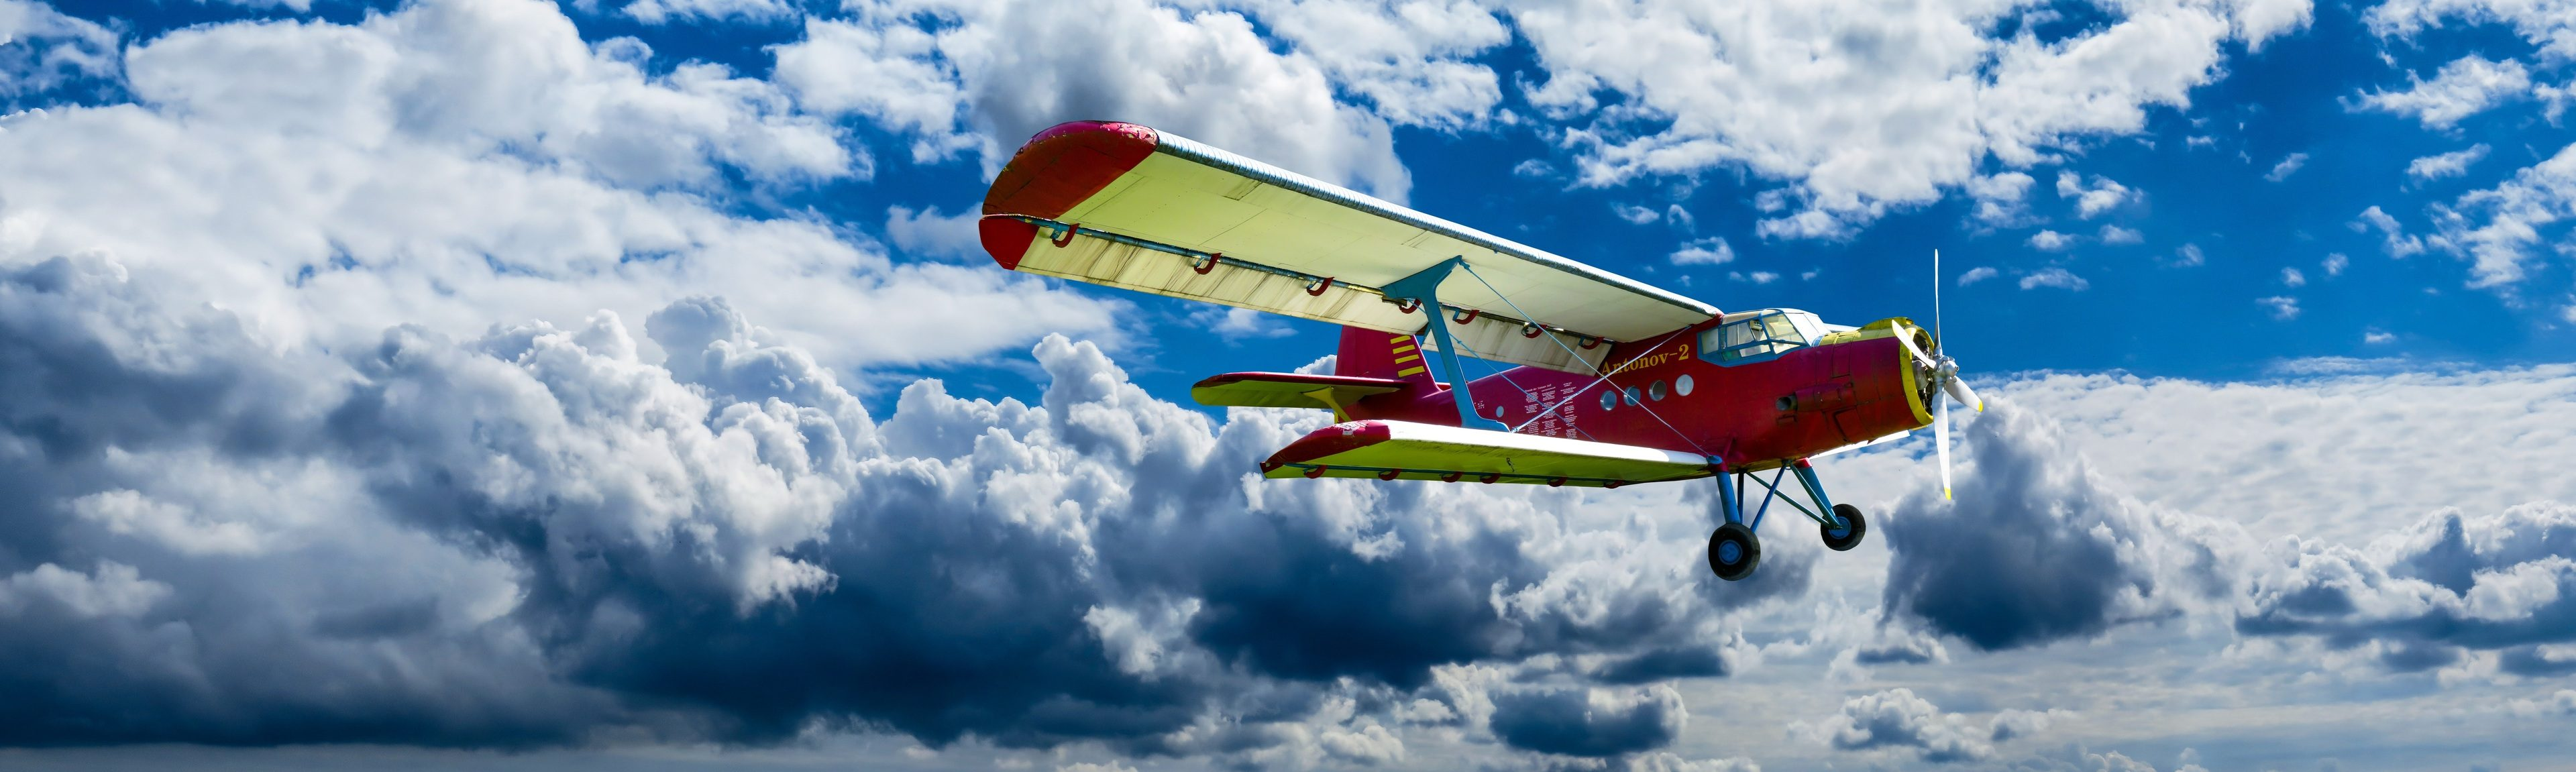 aircraft-1499171.jpg